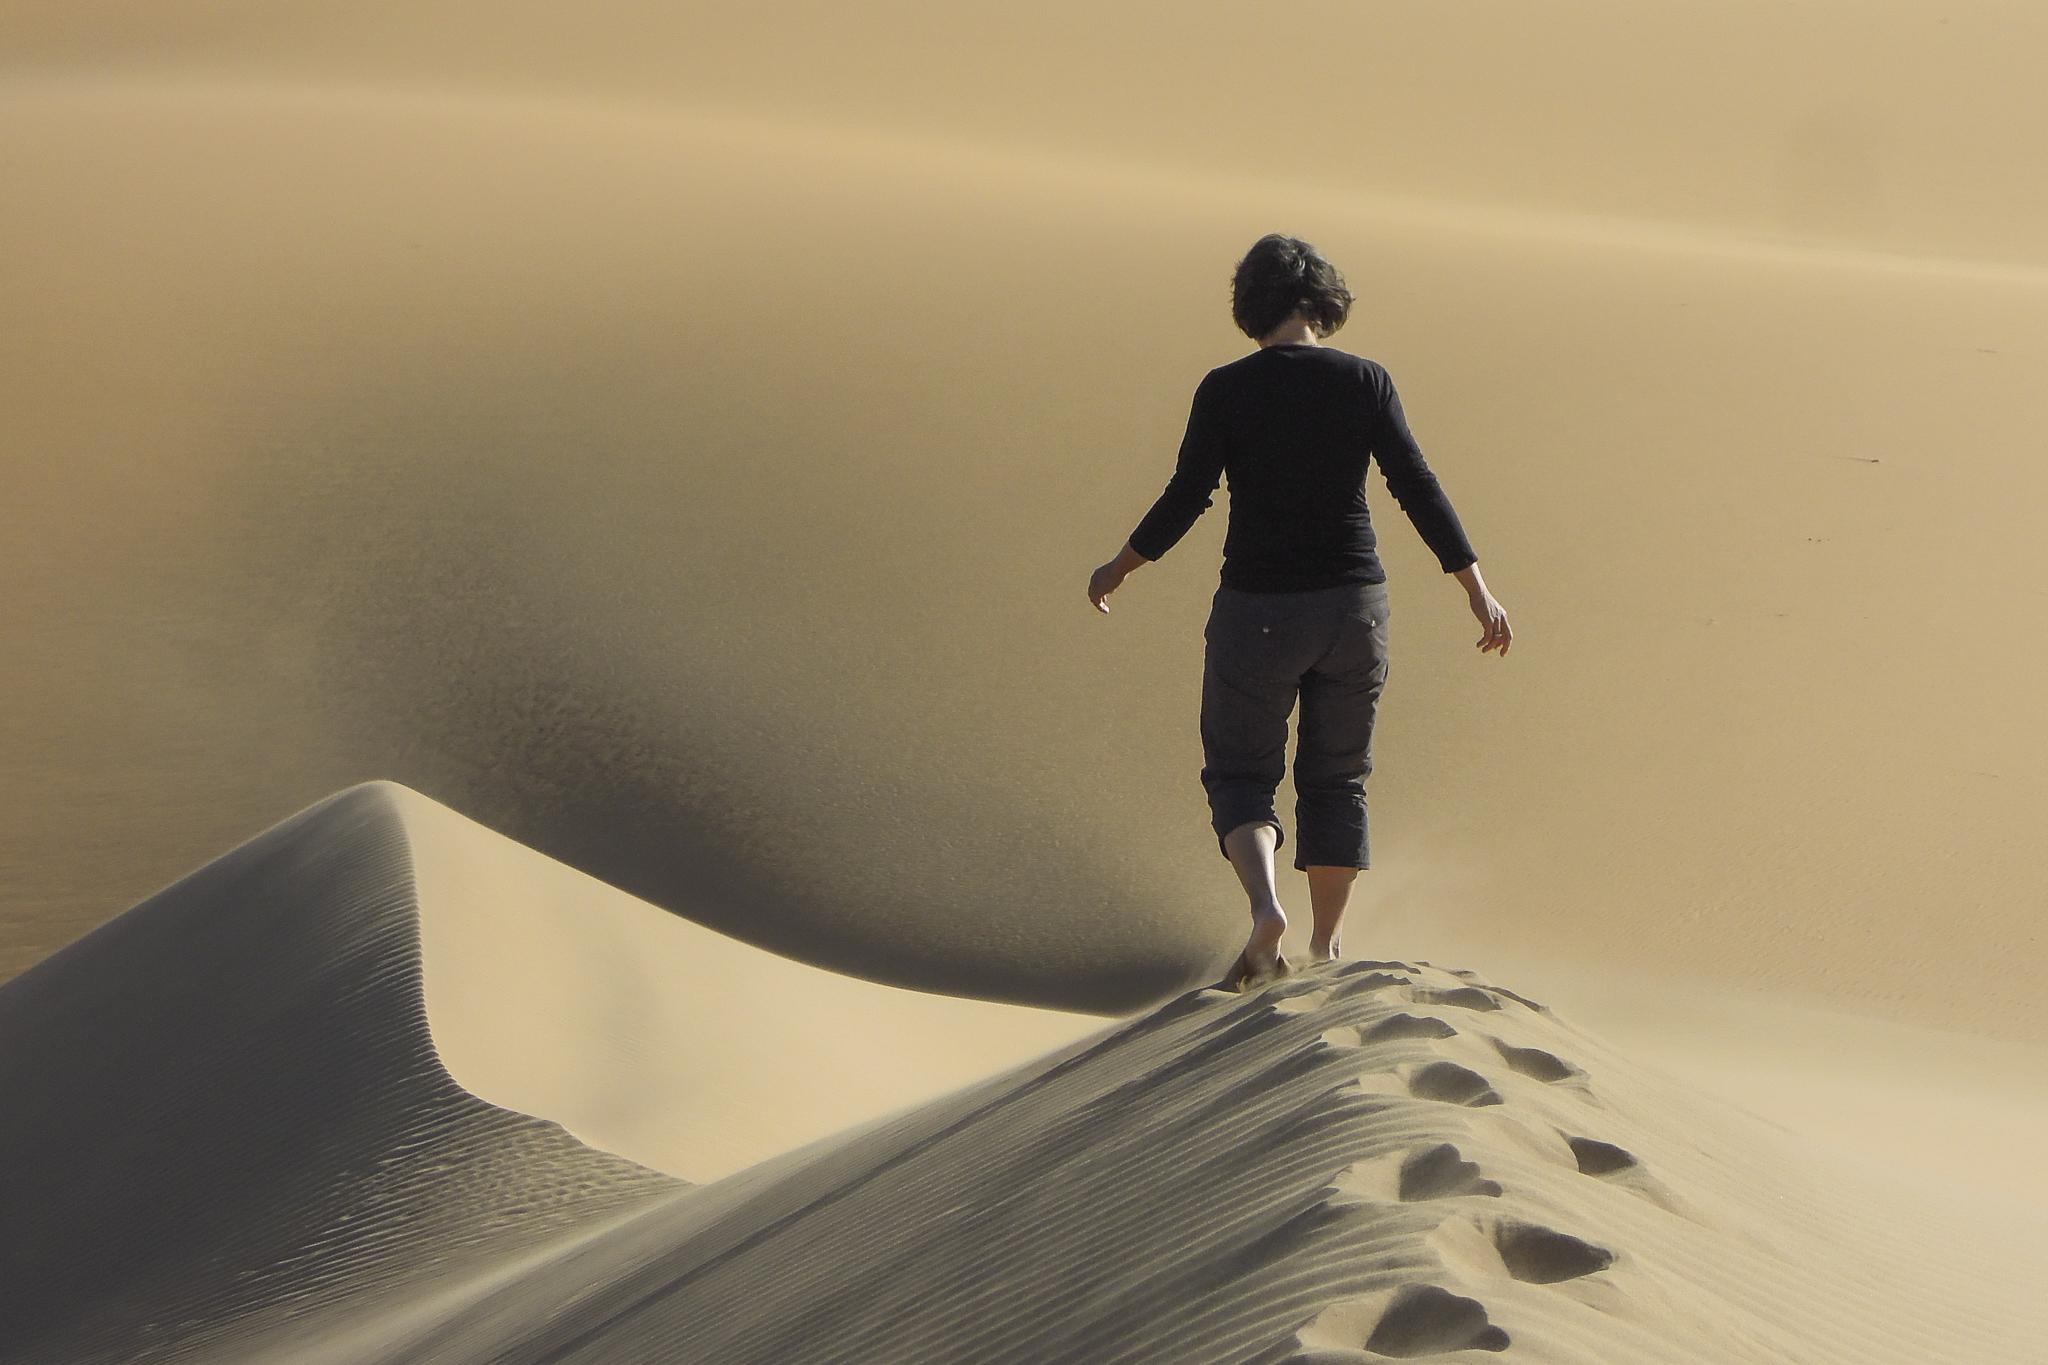 Sanddüne Ägypten Wüste Sandwüste Westliche Oase Spuren Forschungs-Sabbatical organic17